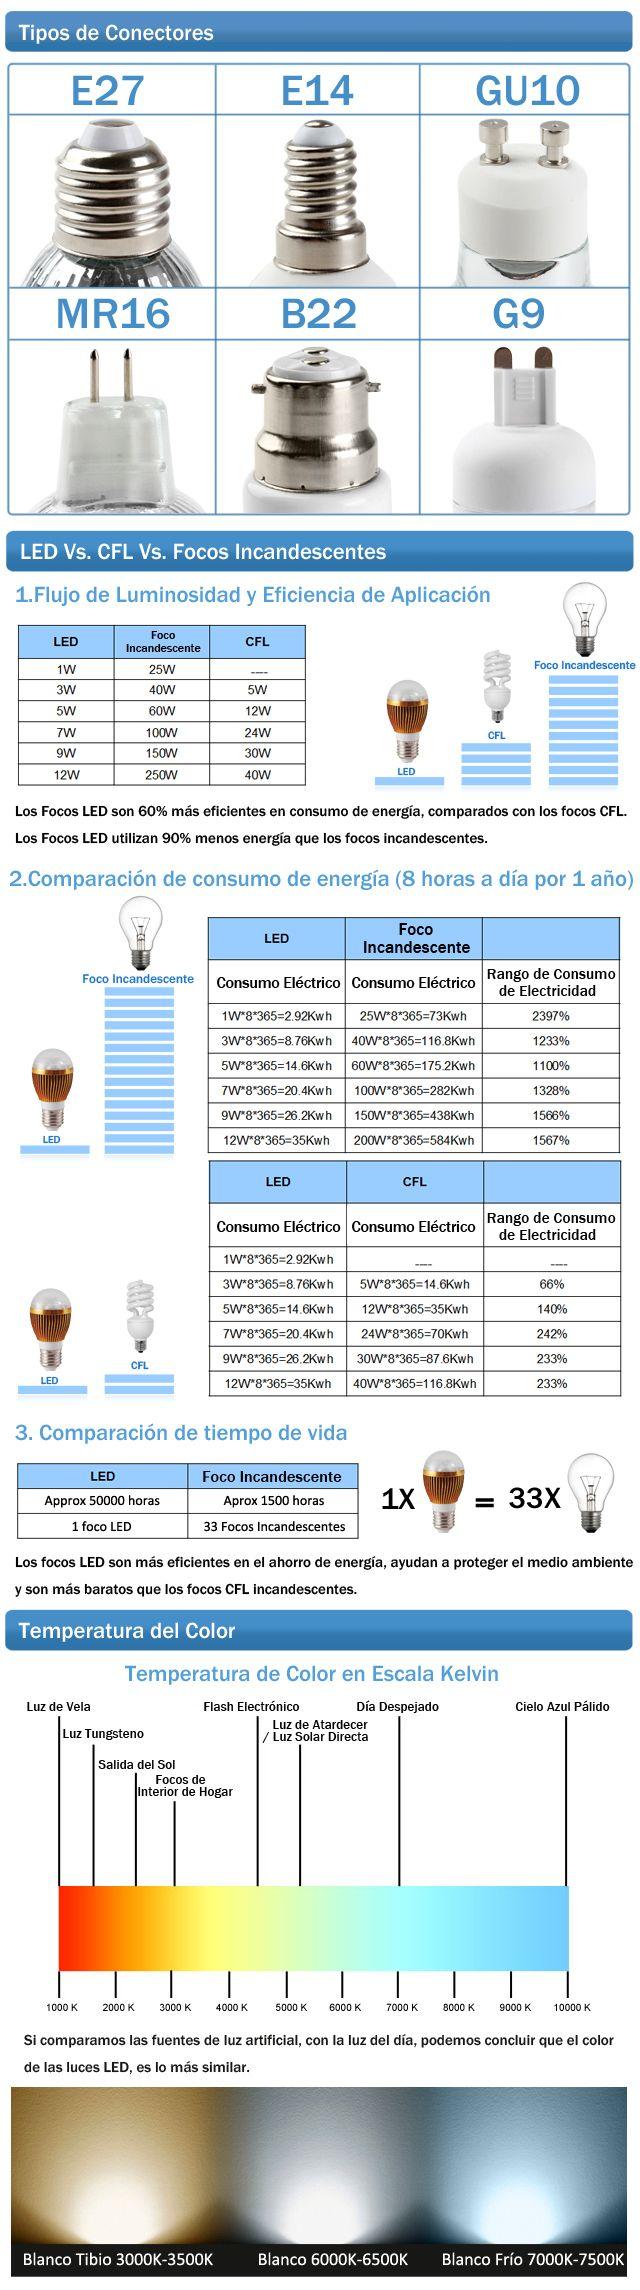 Más sobre LEDs